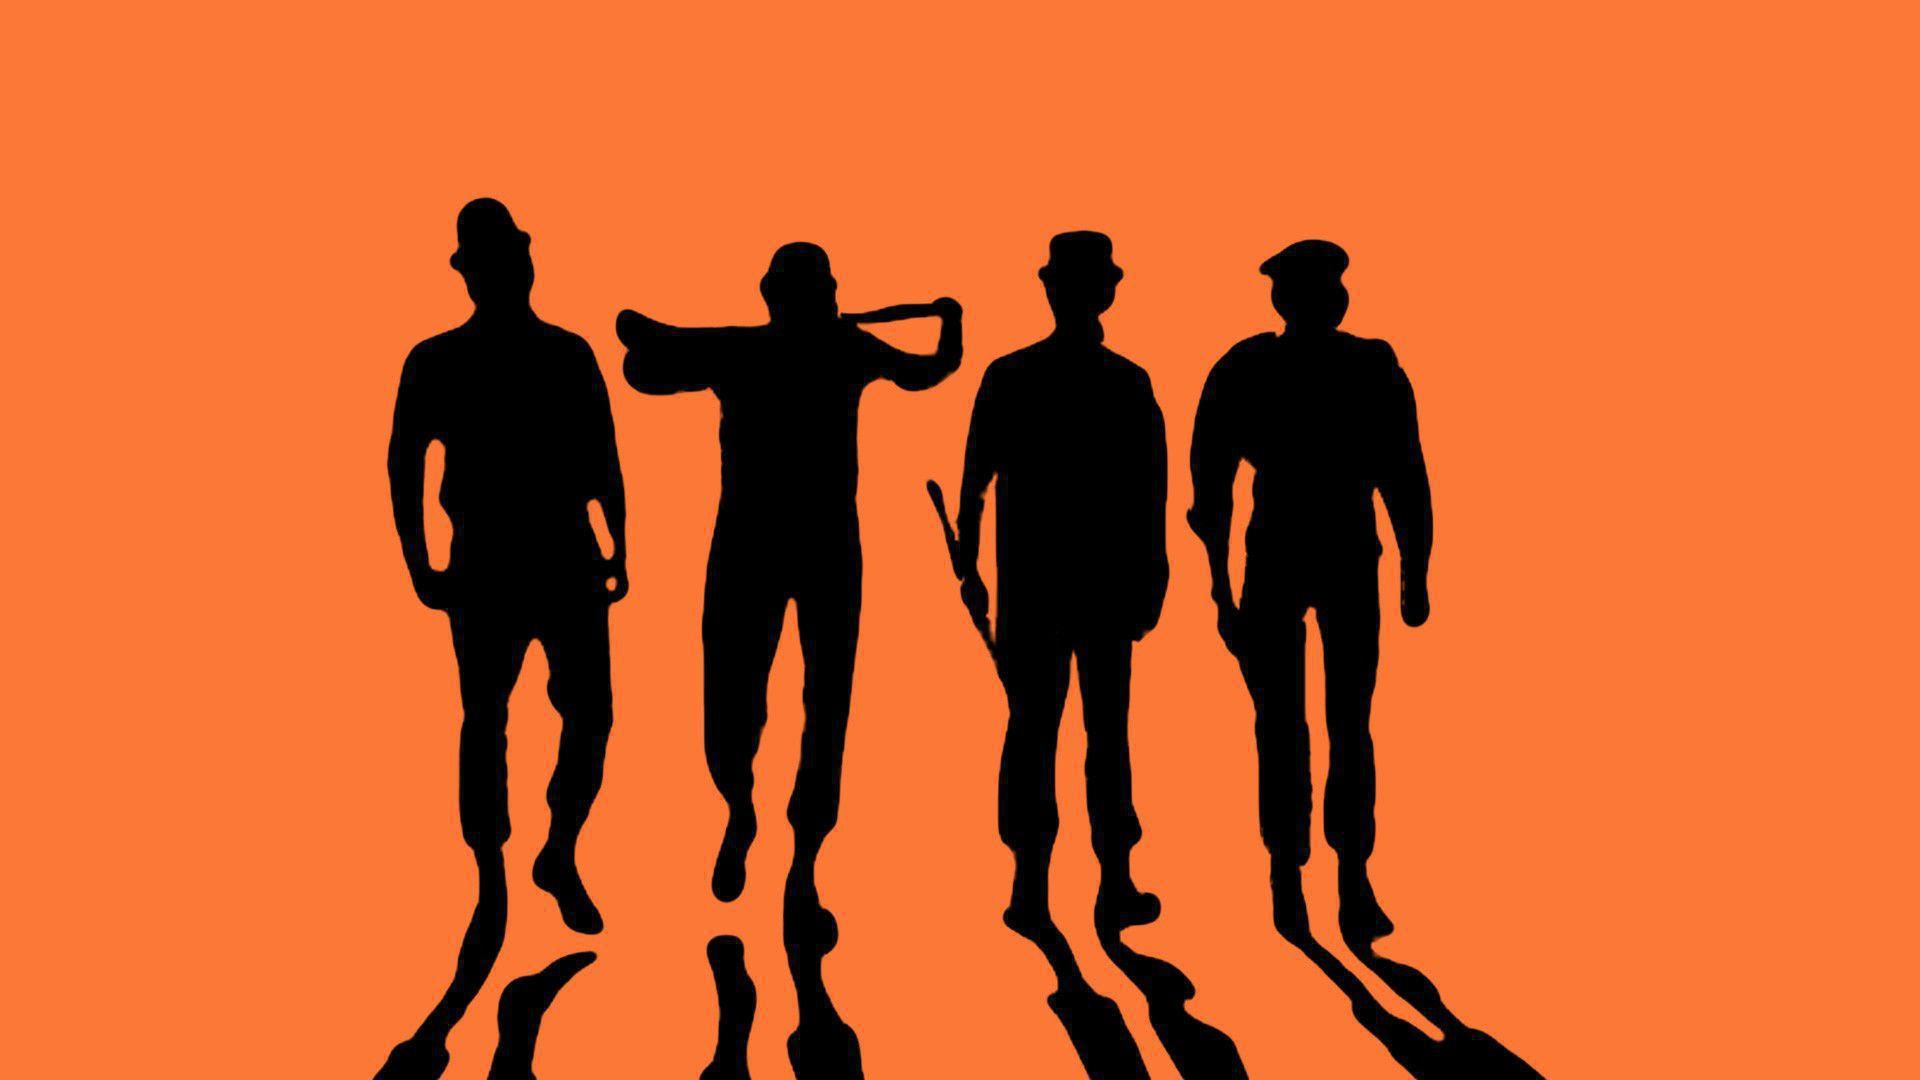 A Clockwork Orange Images